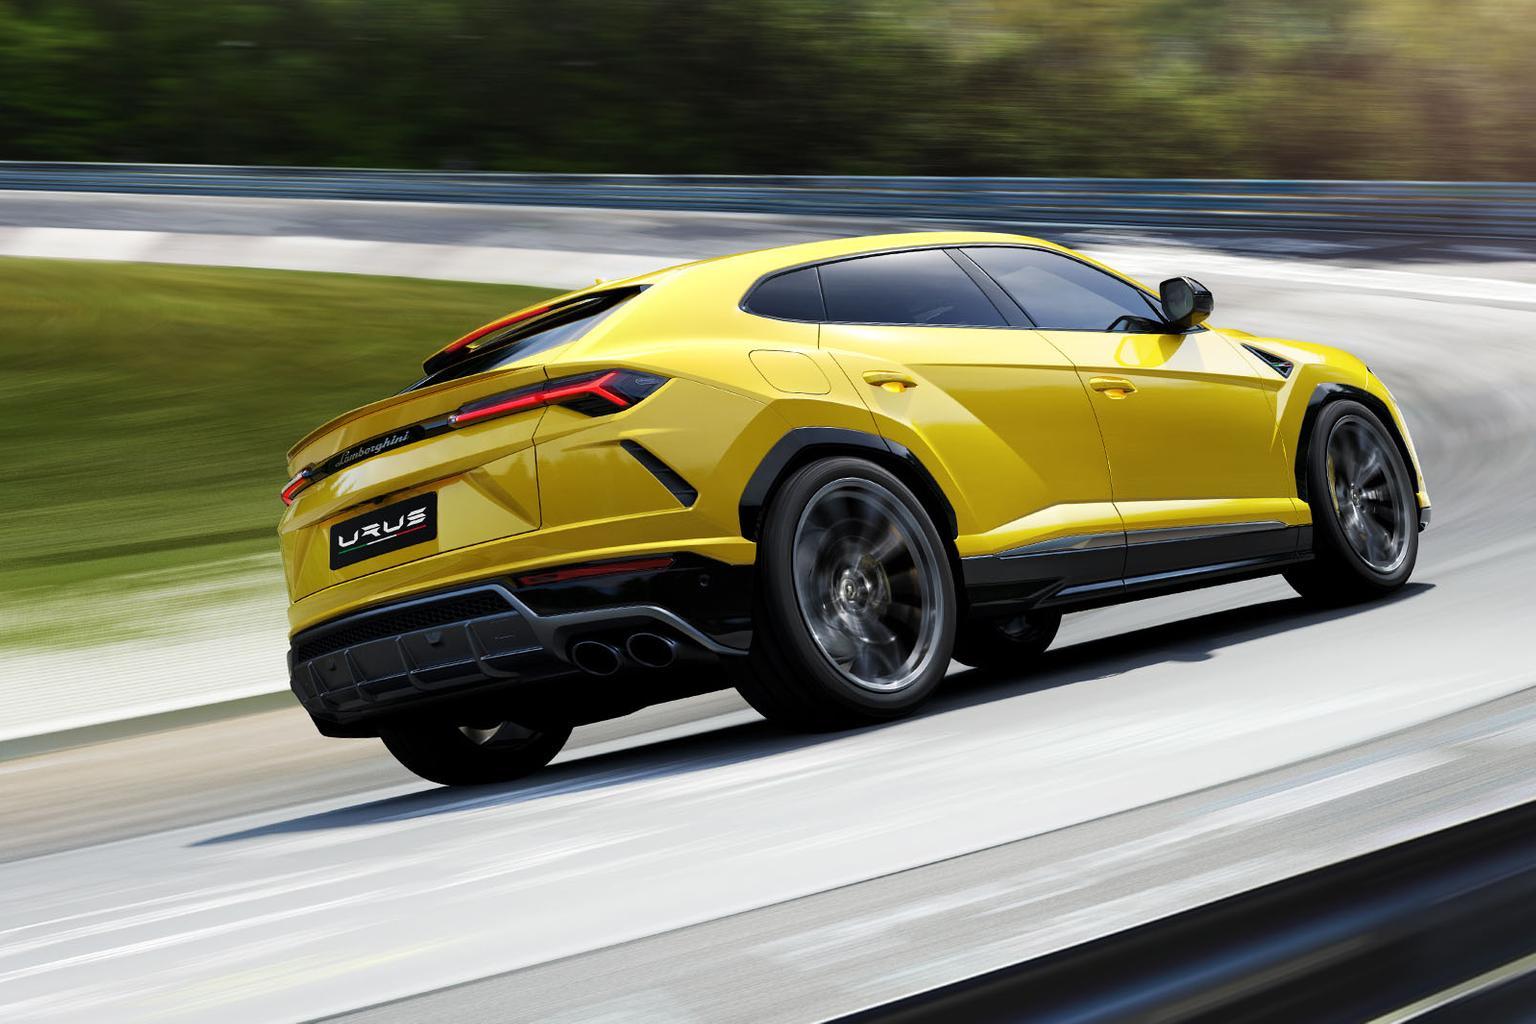 2018 Lamborghini Urus – price, specs and release date